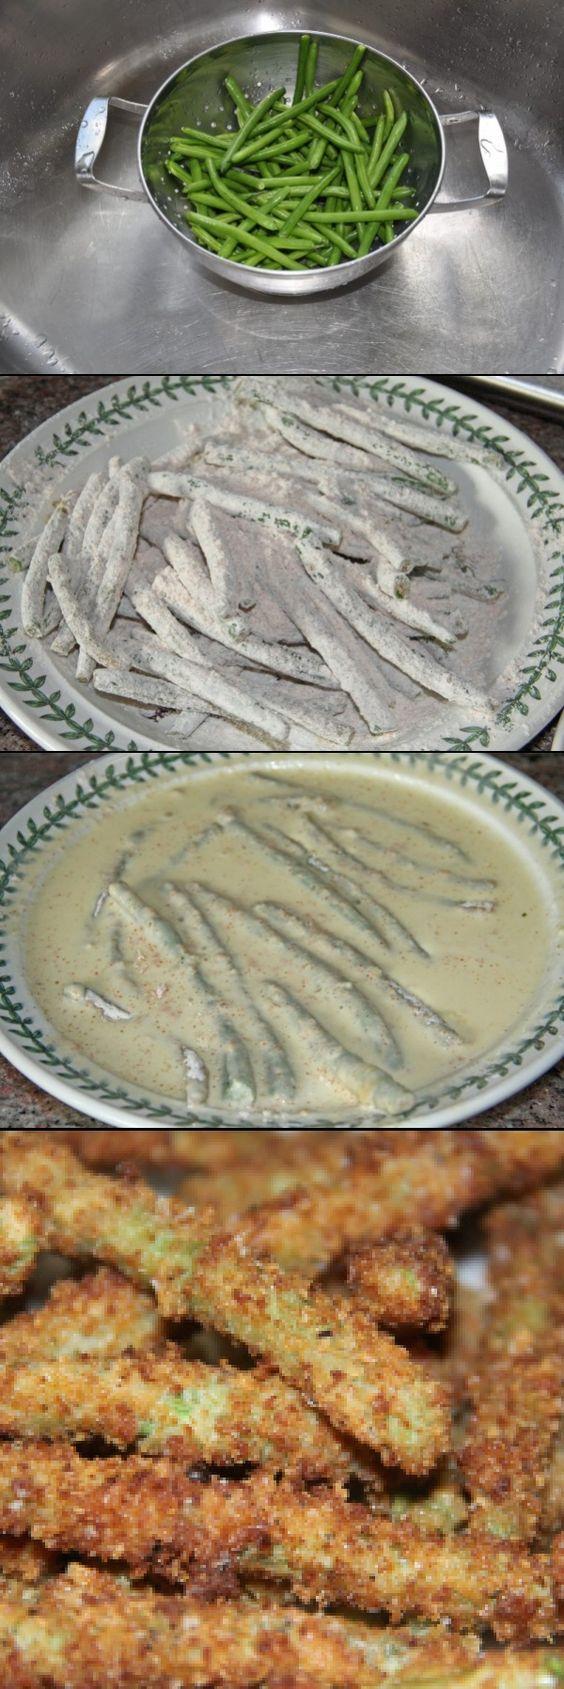 Green Bean Crisps - Like French Fries....only Beanier.